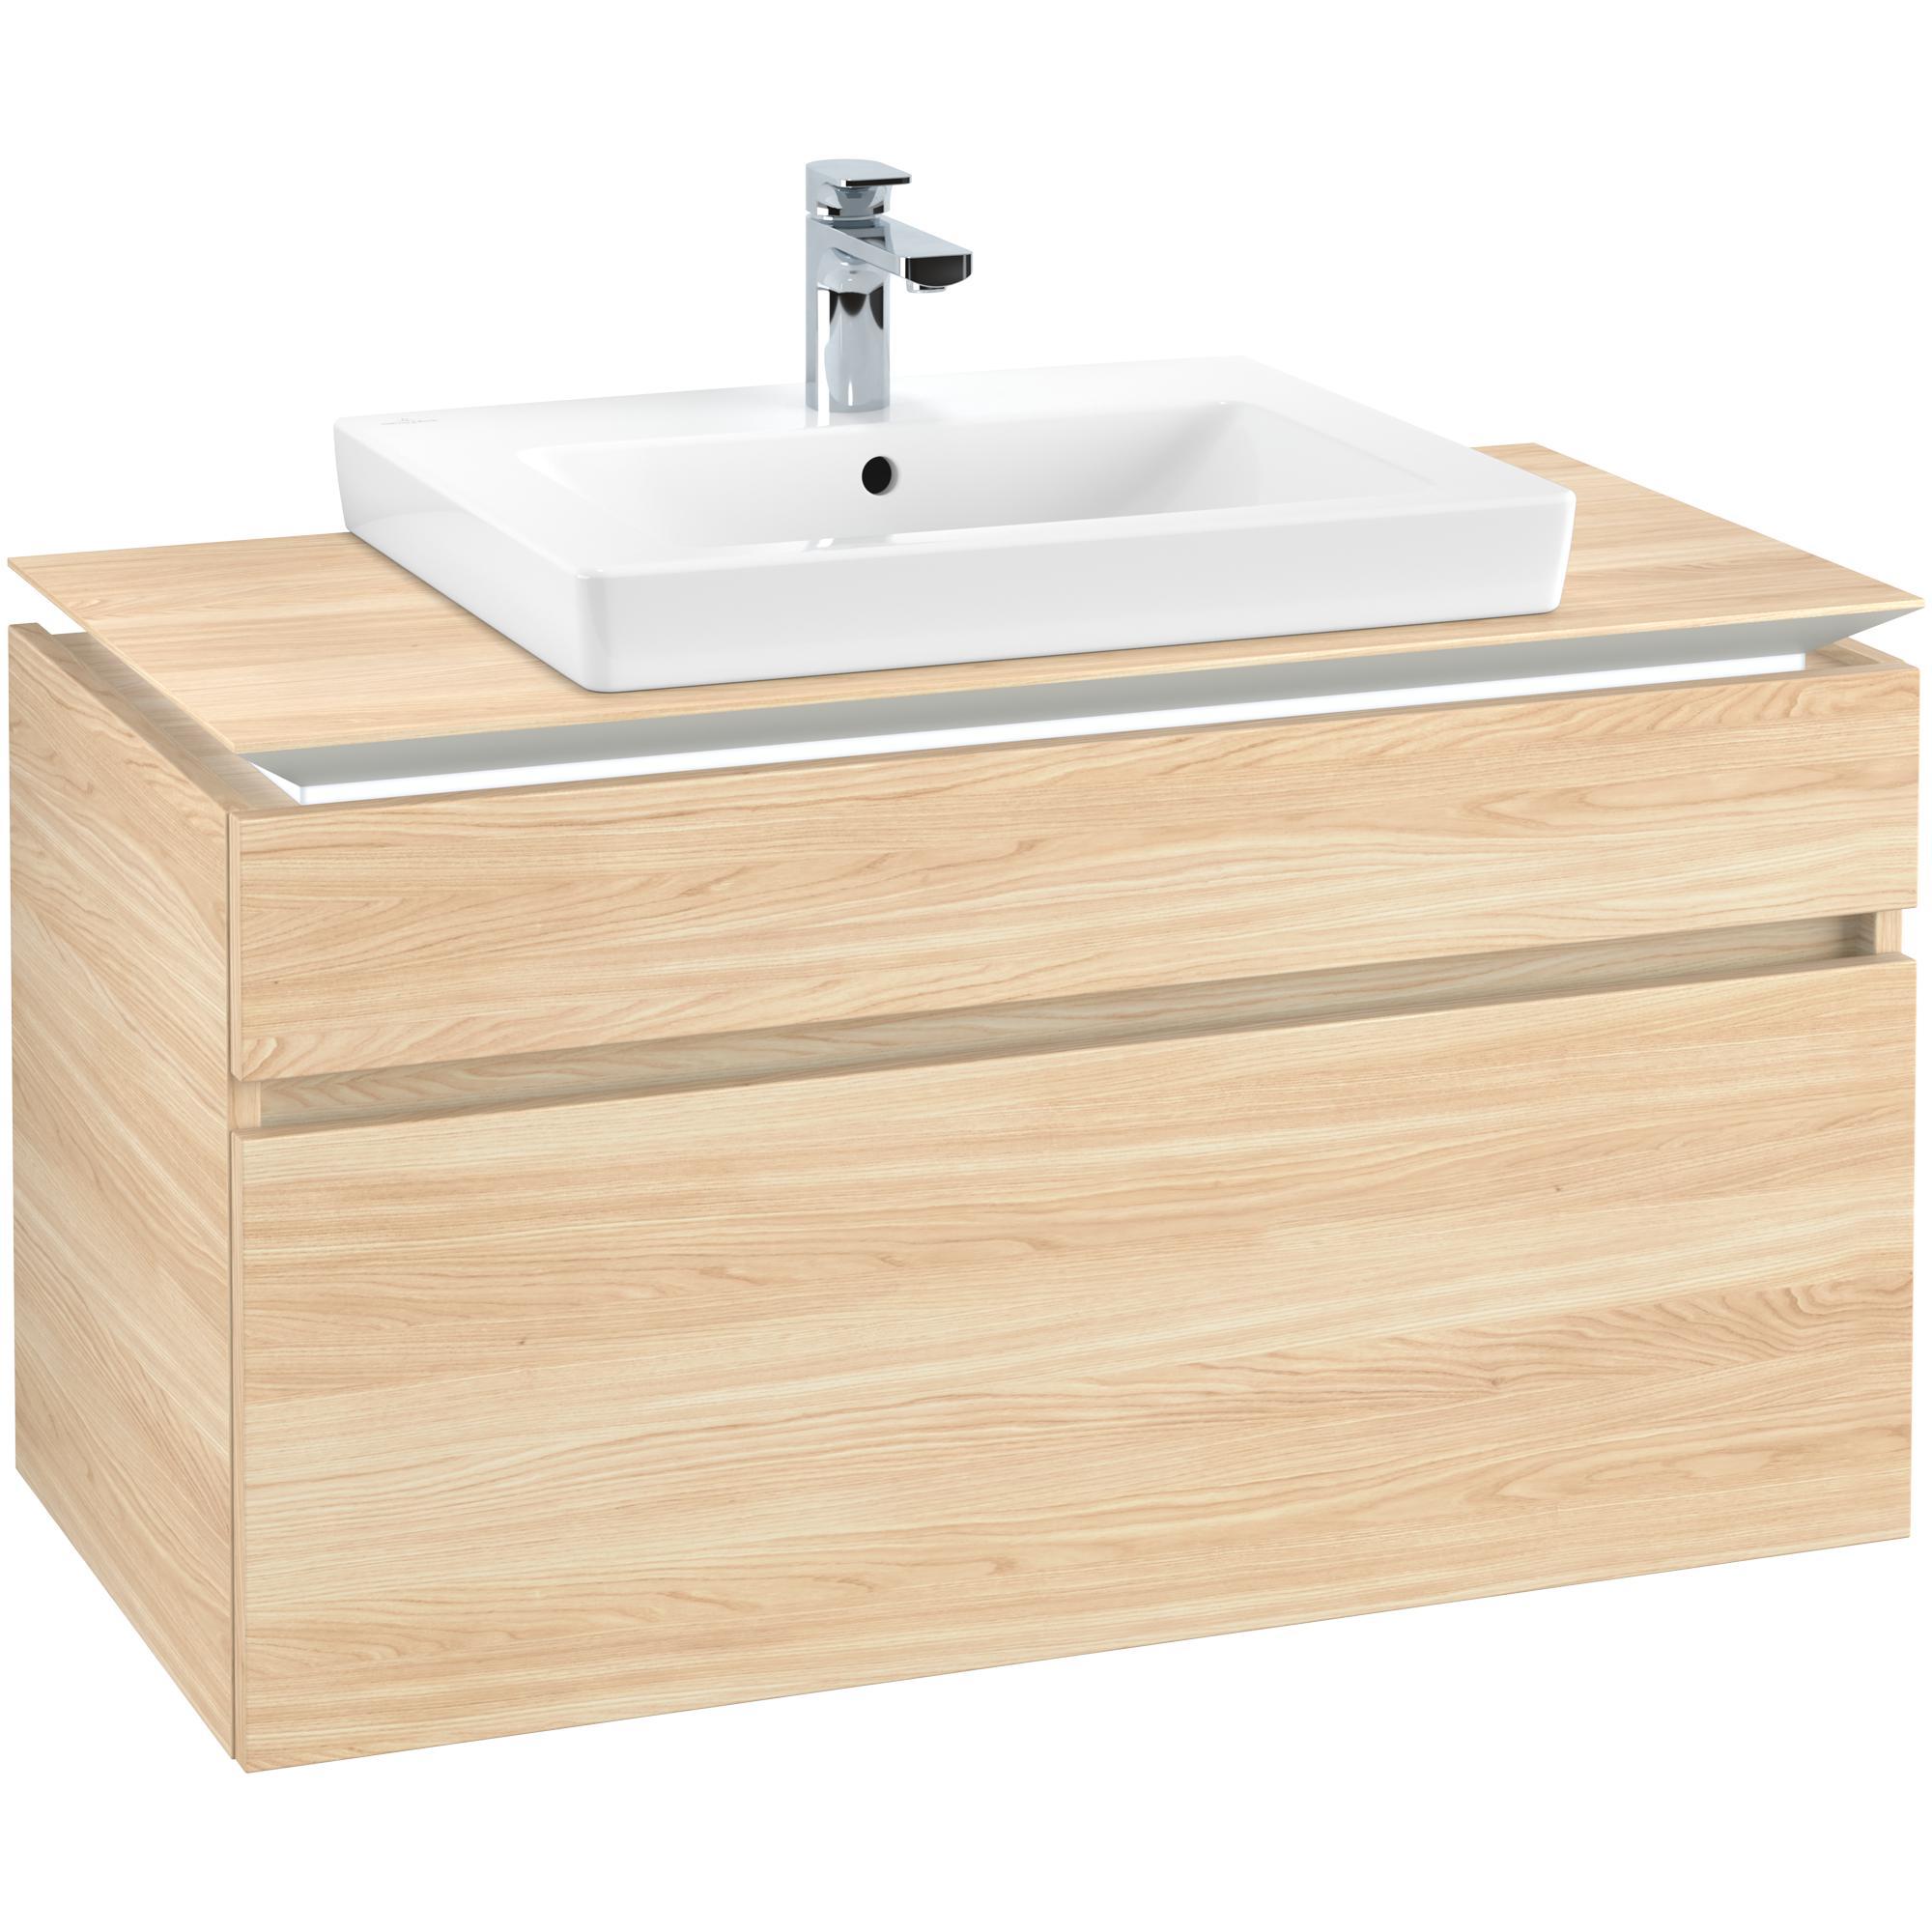 Tvättställsskåp Villeroy & Boch Legato 1000 med 2 Lådor för Tvättställ från Finion & Subway